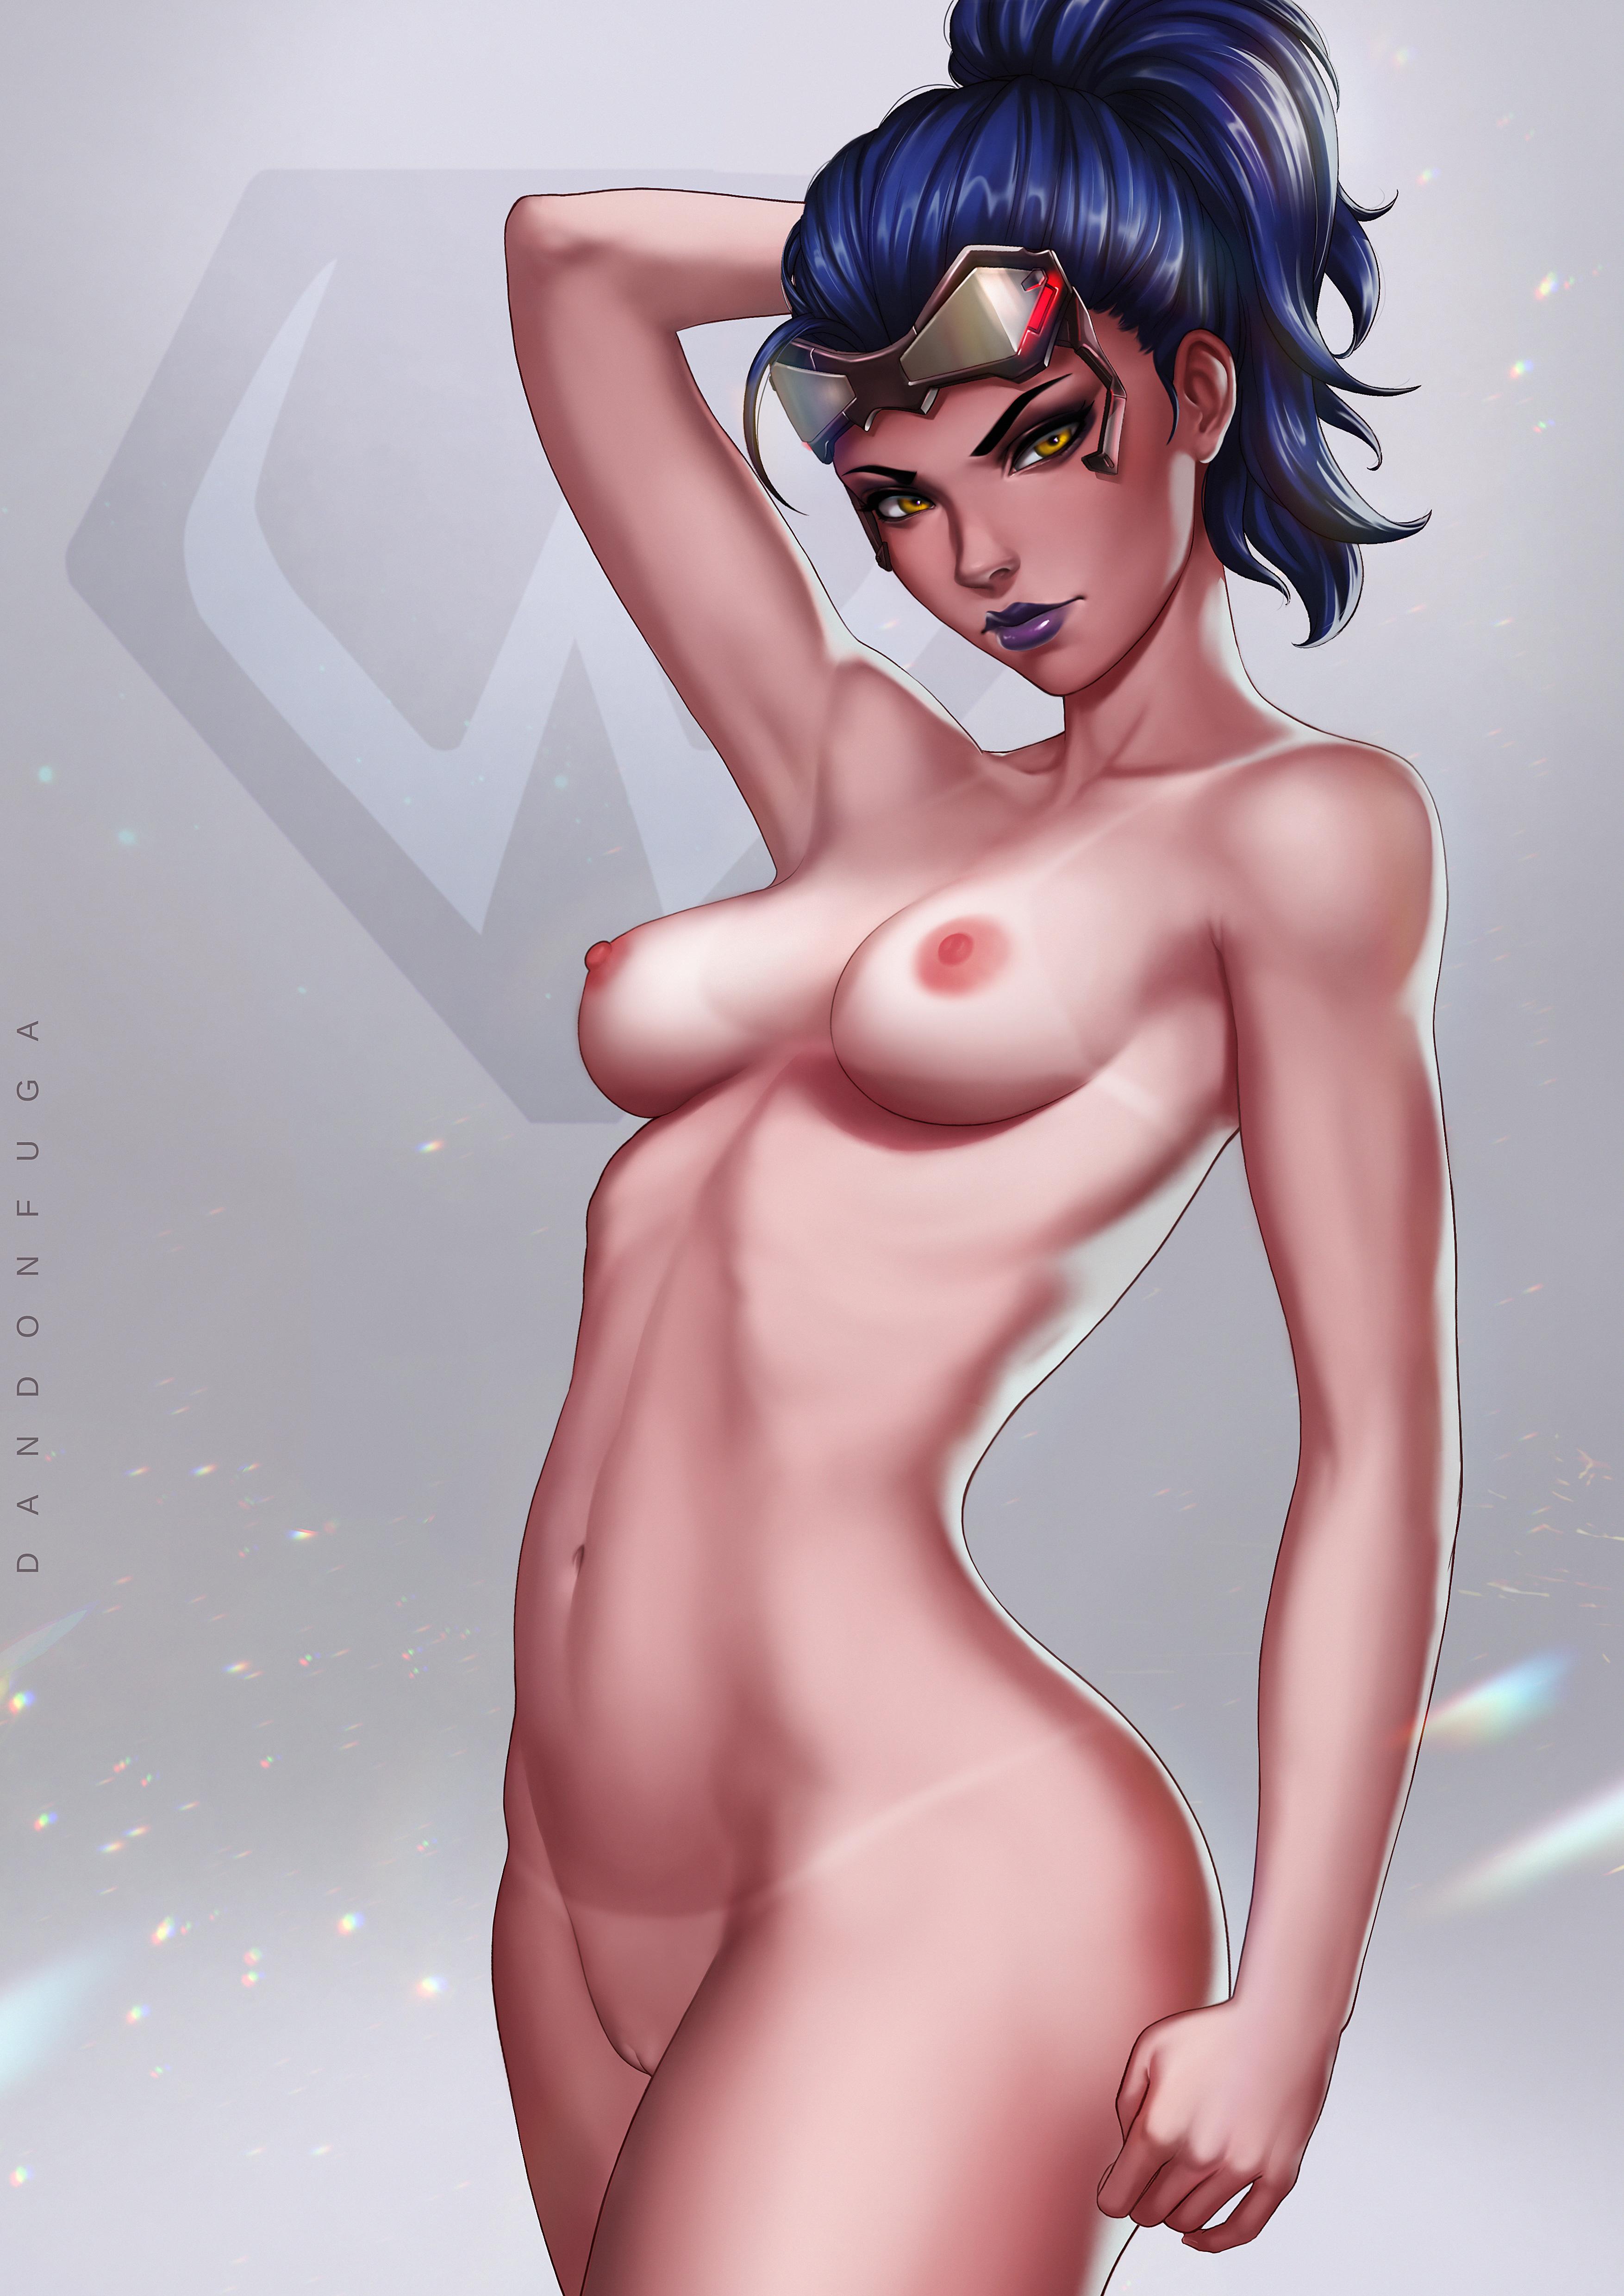 widowmaker nude